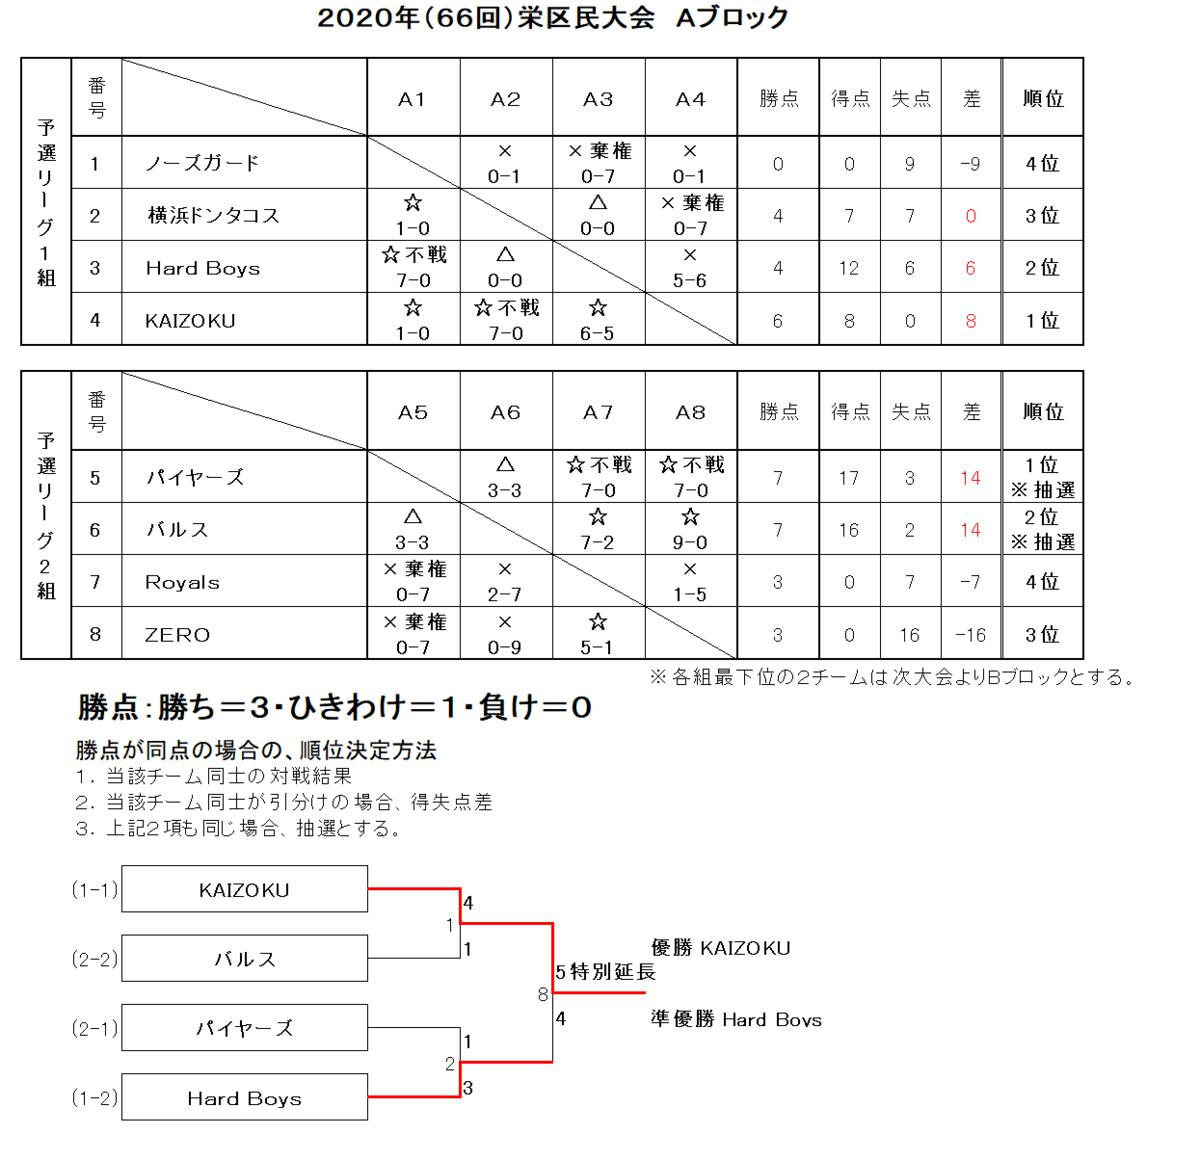 f:id:sakae-baseball:20210417112834p:plain